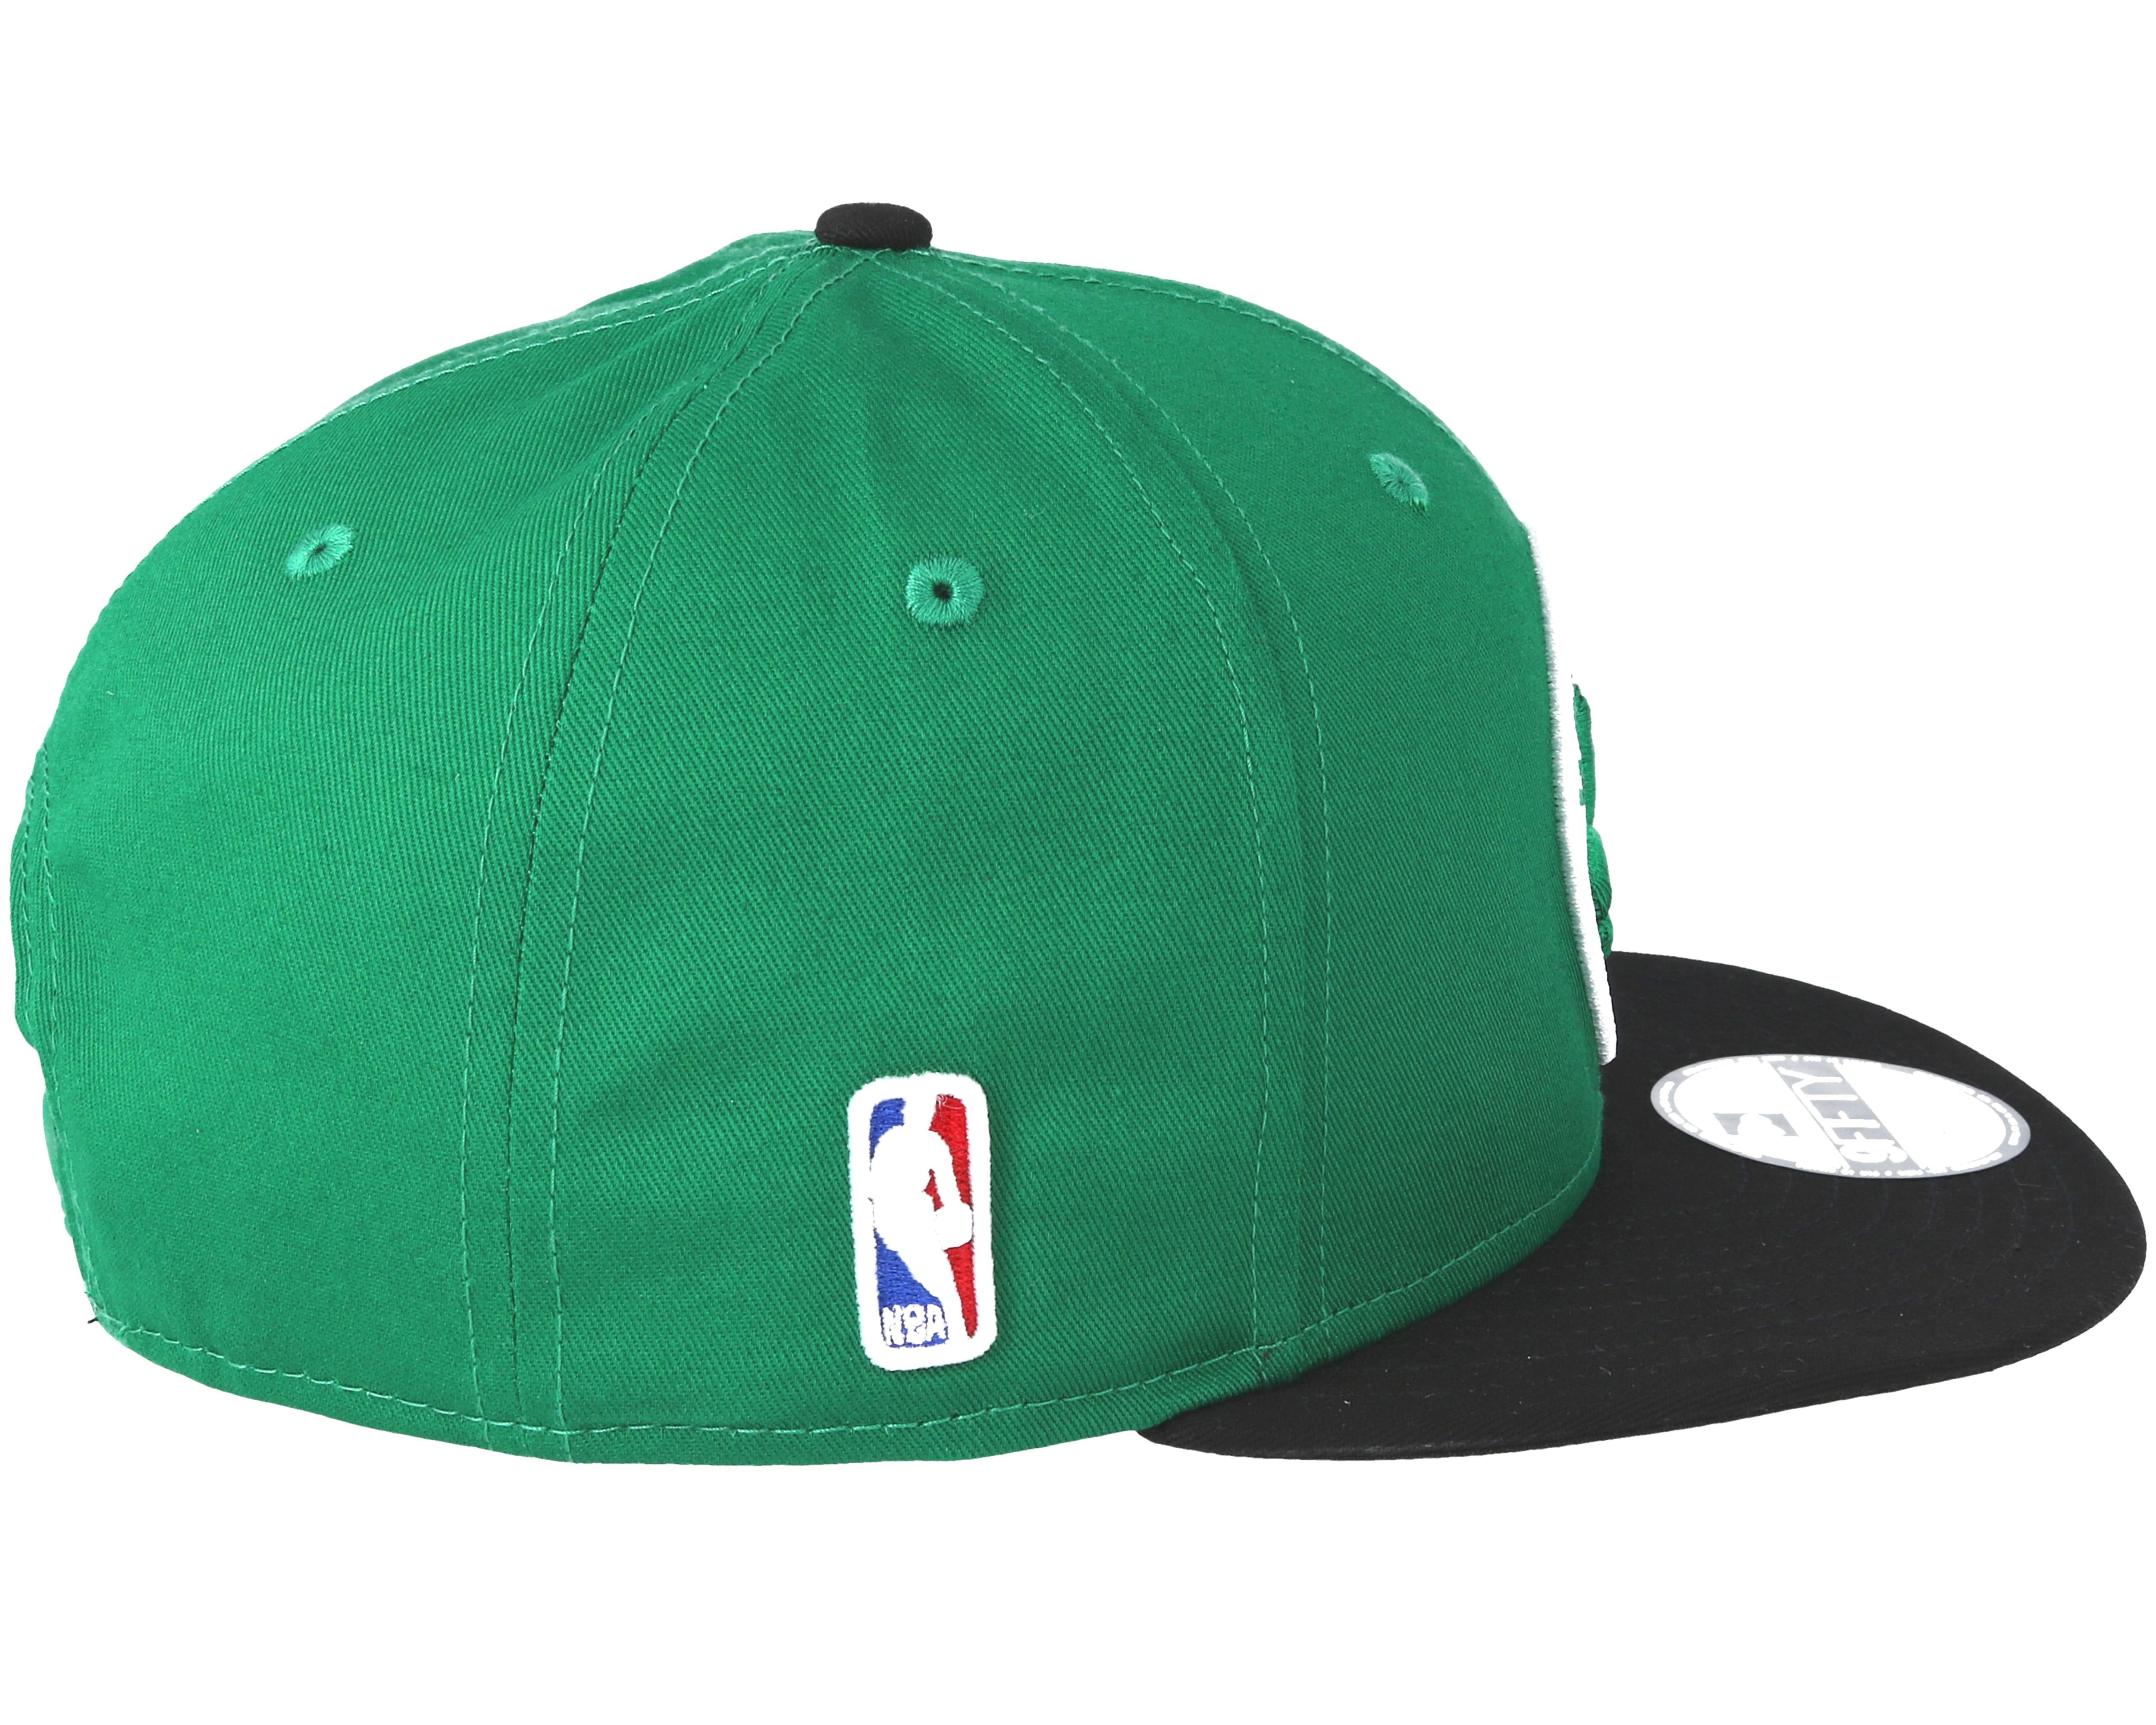 boston celtics 9fifty green snapback new era cap. Black Bedroom Furniture Sets. Home Design Ideas